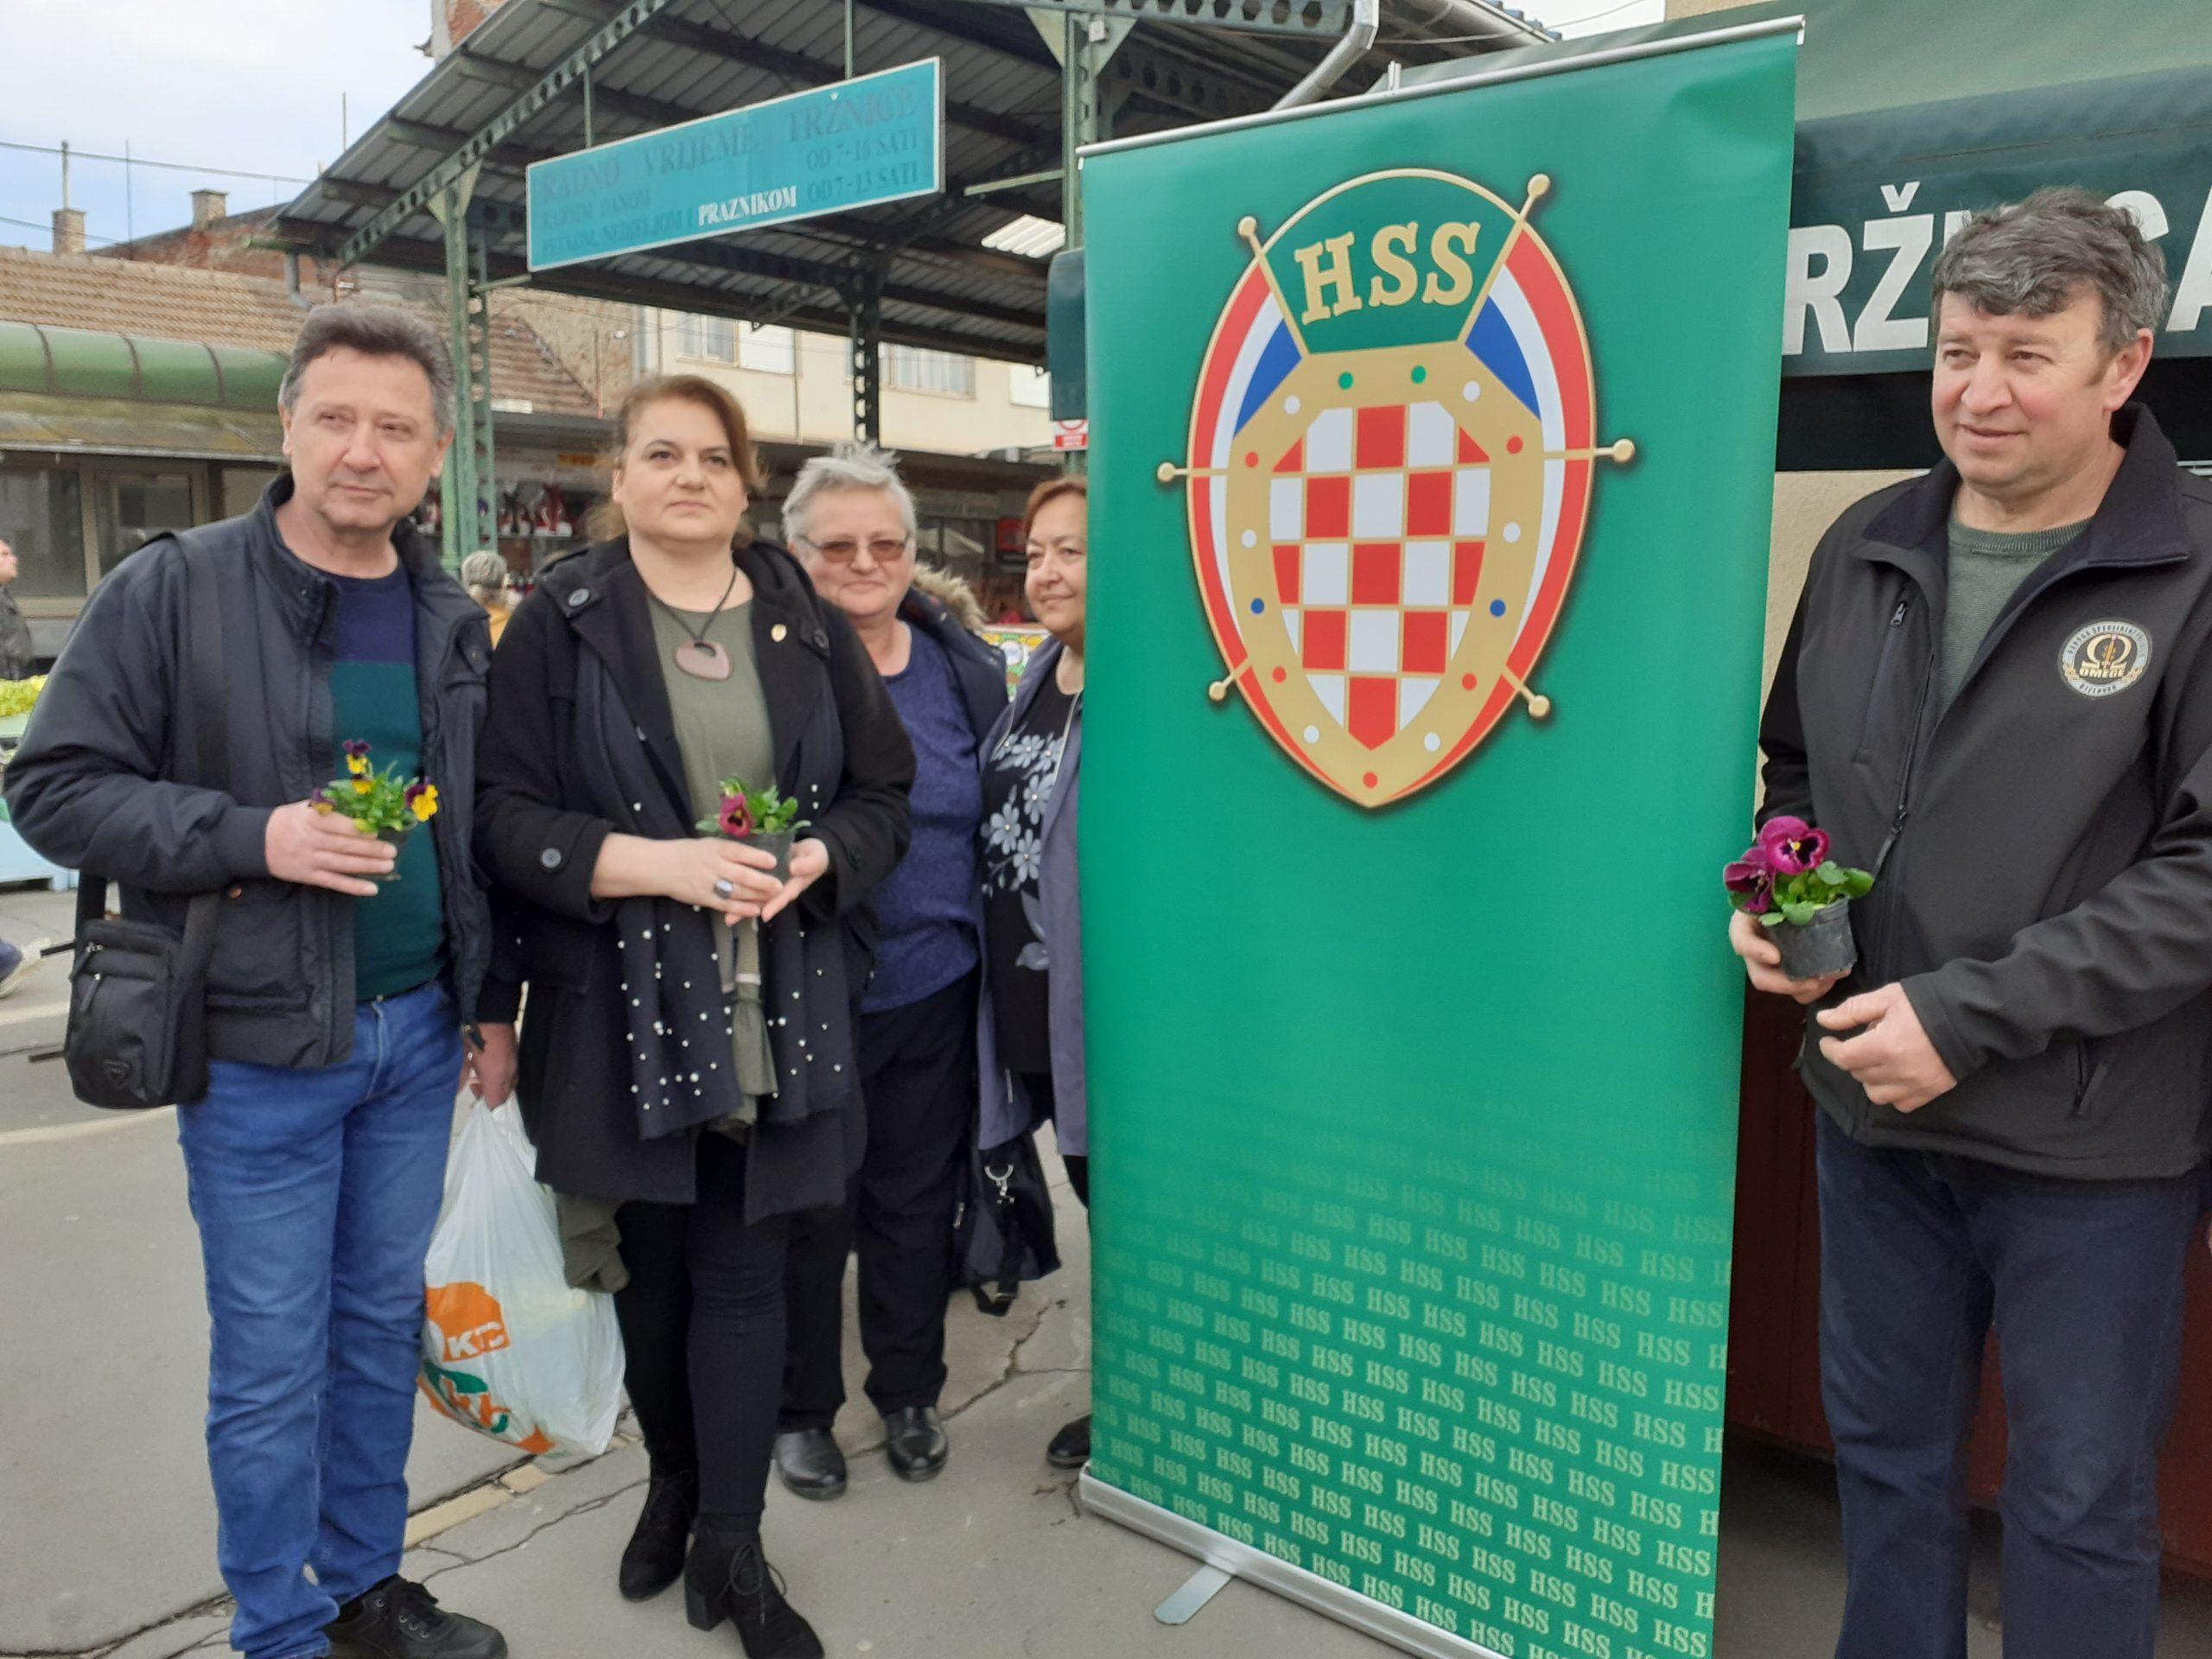 Bajsa u Bjelovaru izdao prvi partner iz HSS-a